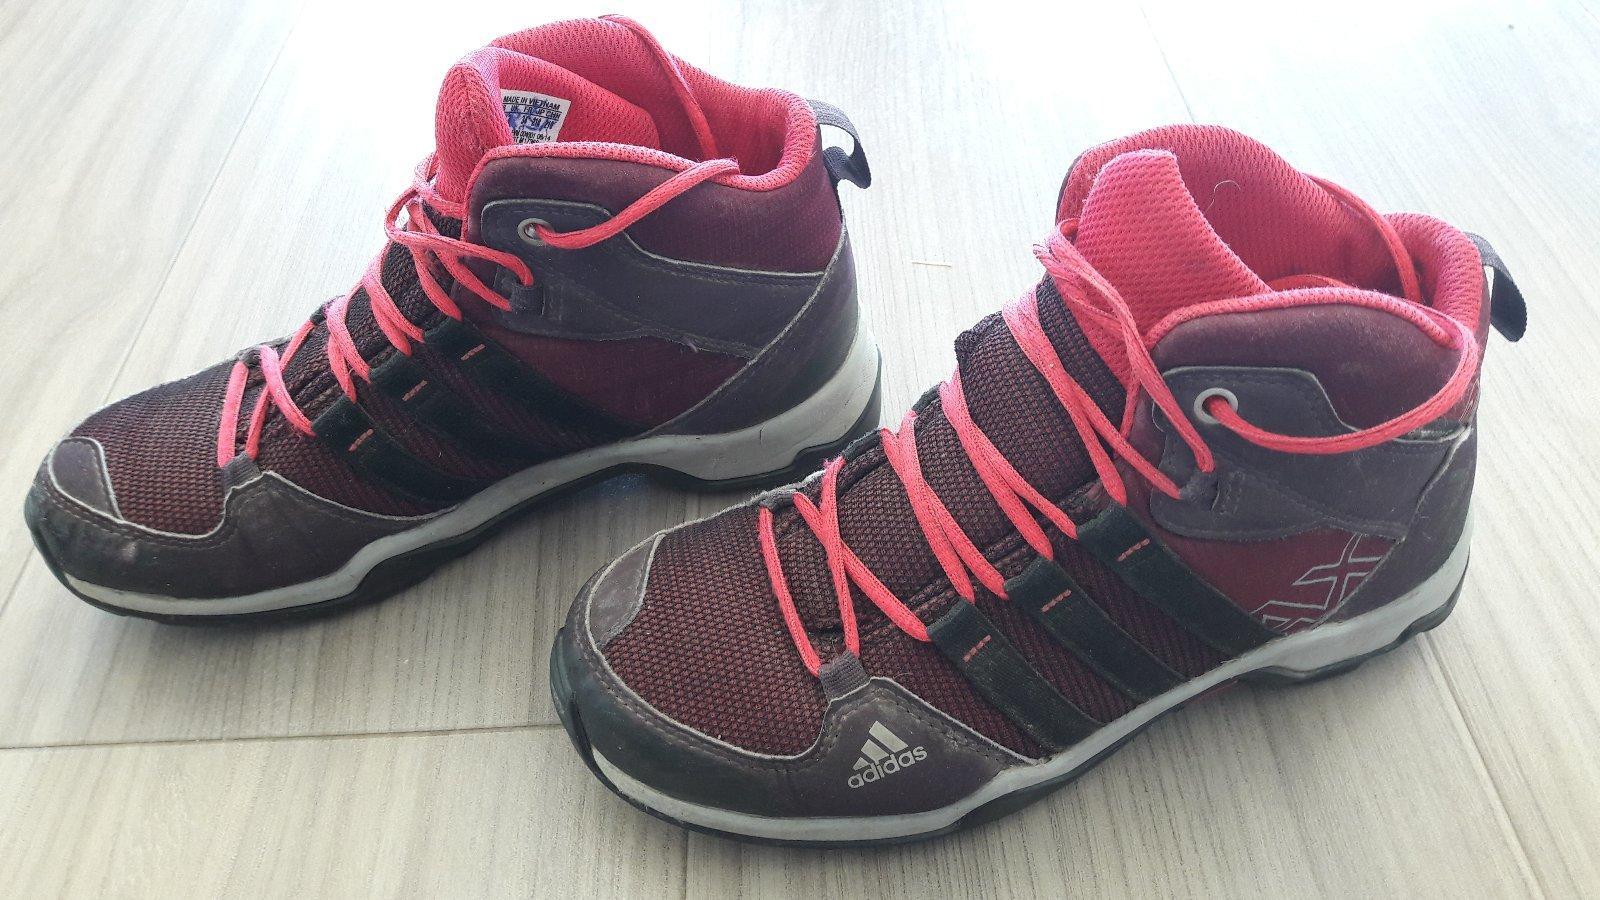 e9285d9431b Kotníkové boty adidas climaproof